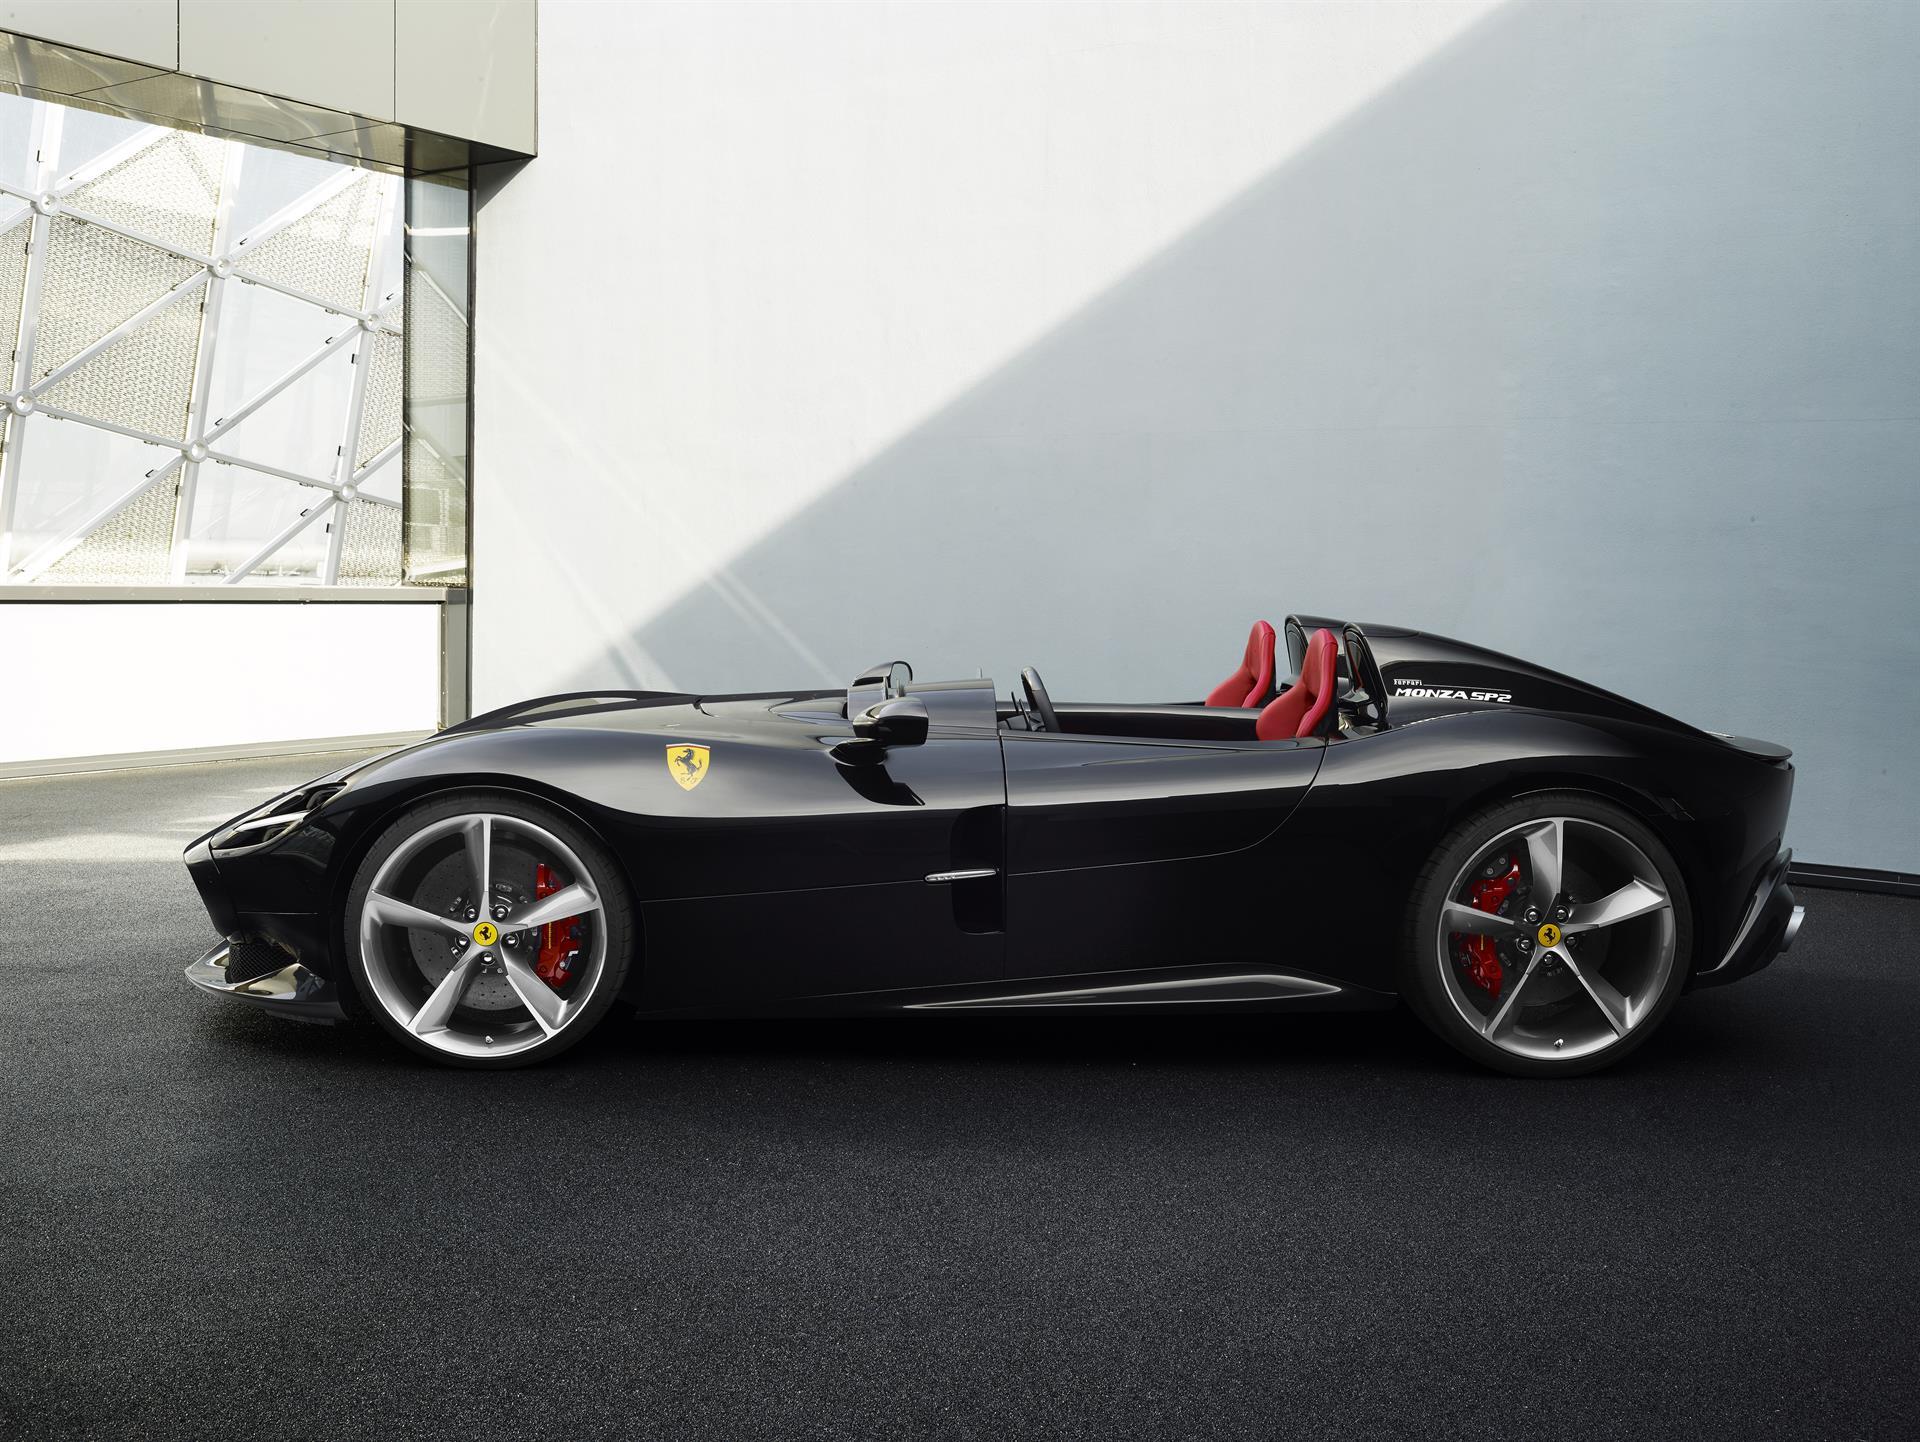 Ferrari Monza SP2 uitgeroepen tot Mooiste Supercar van 2018